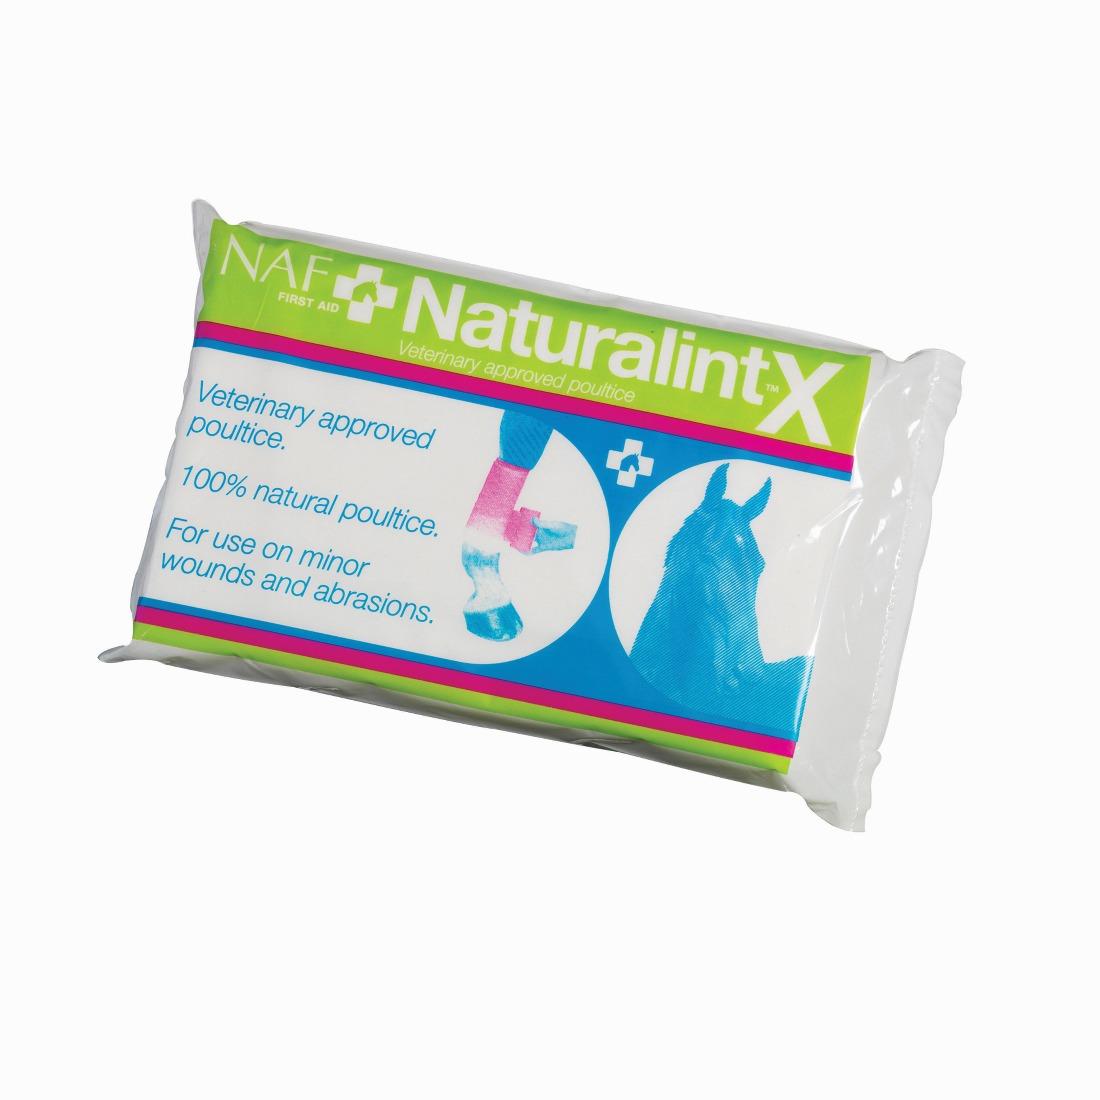 NAF NaturalintX